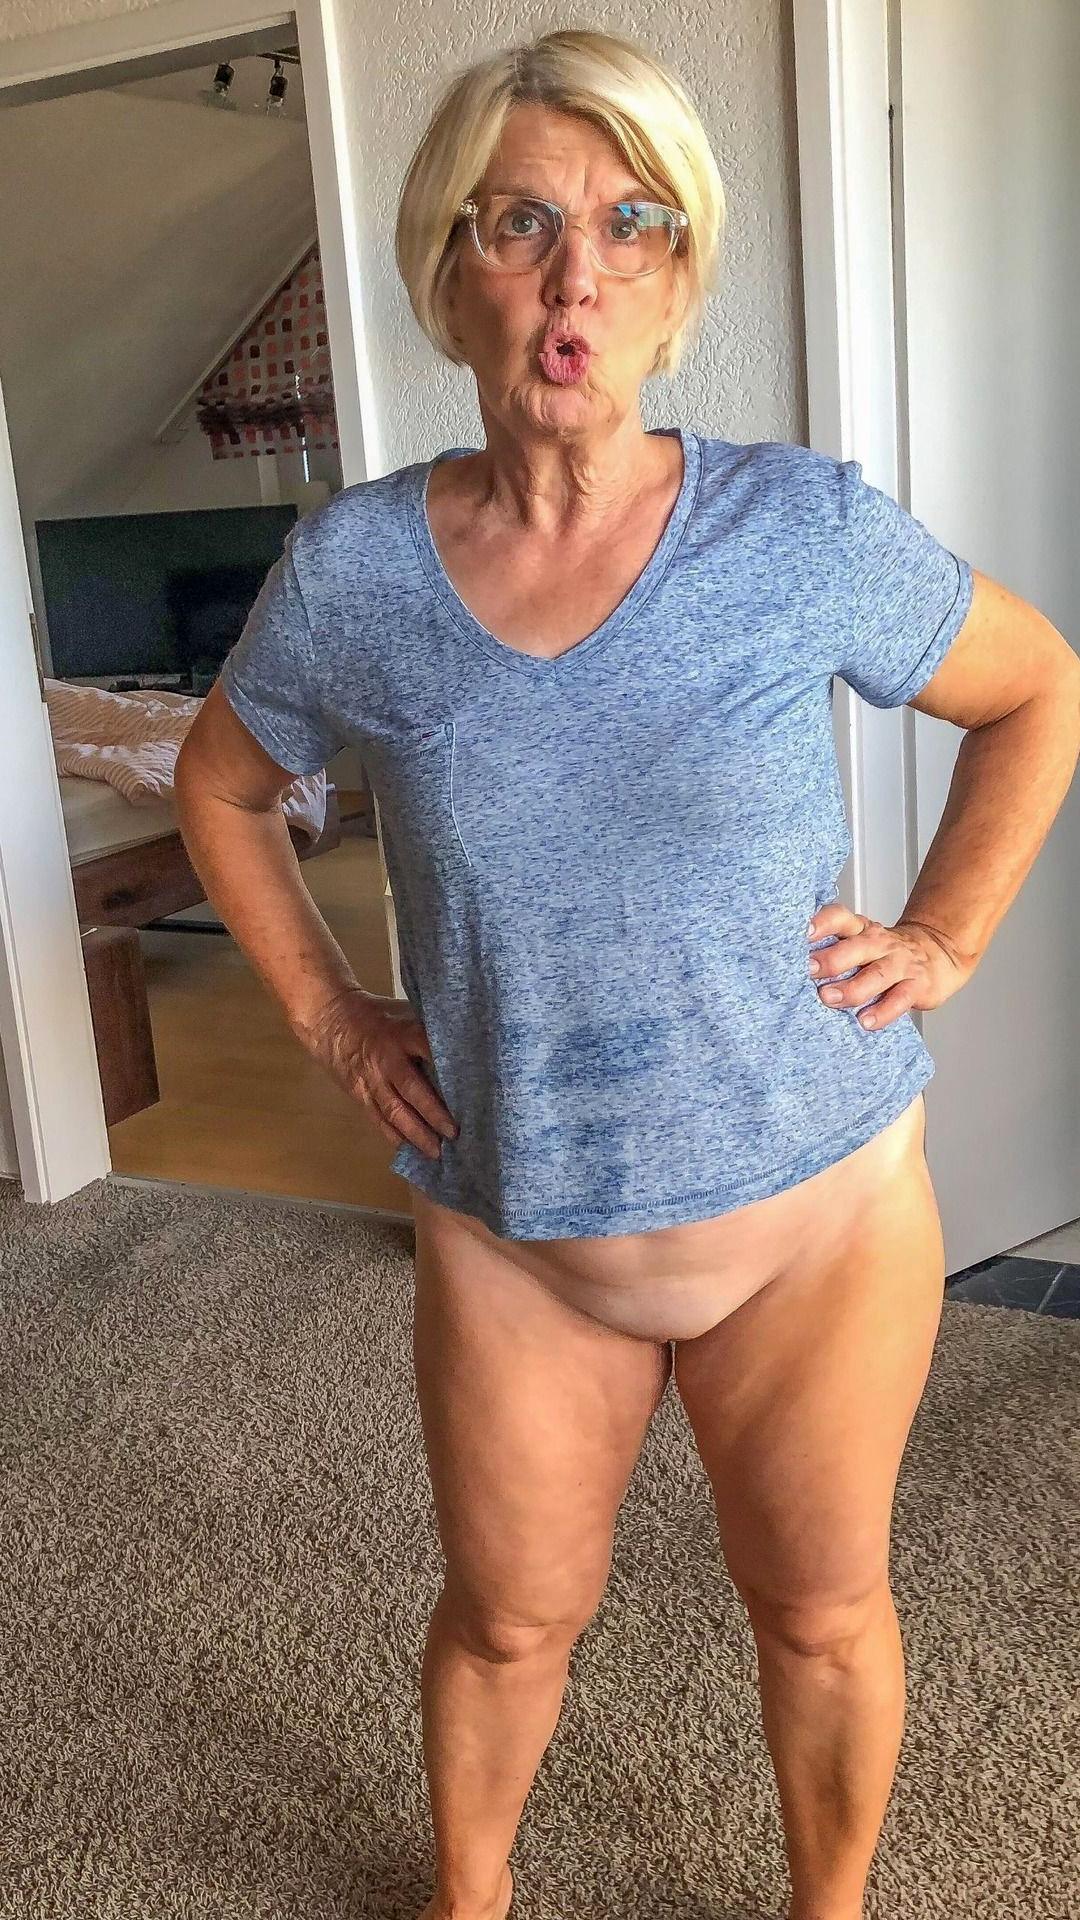 descendant over 60 unconforming porn pics